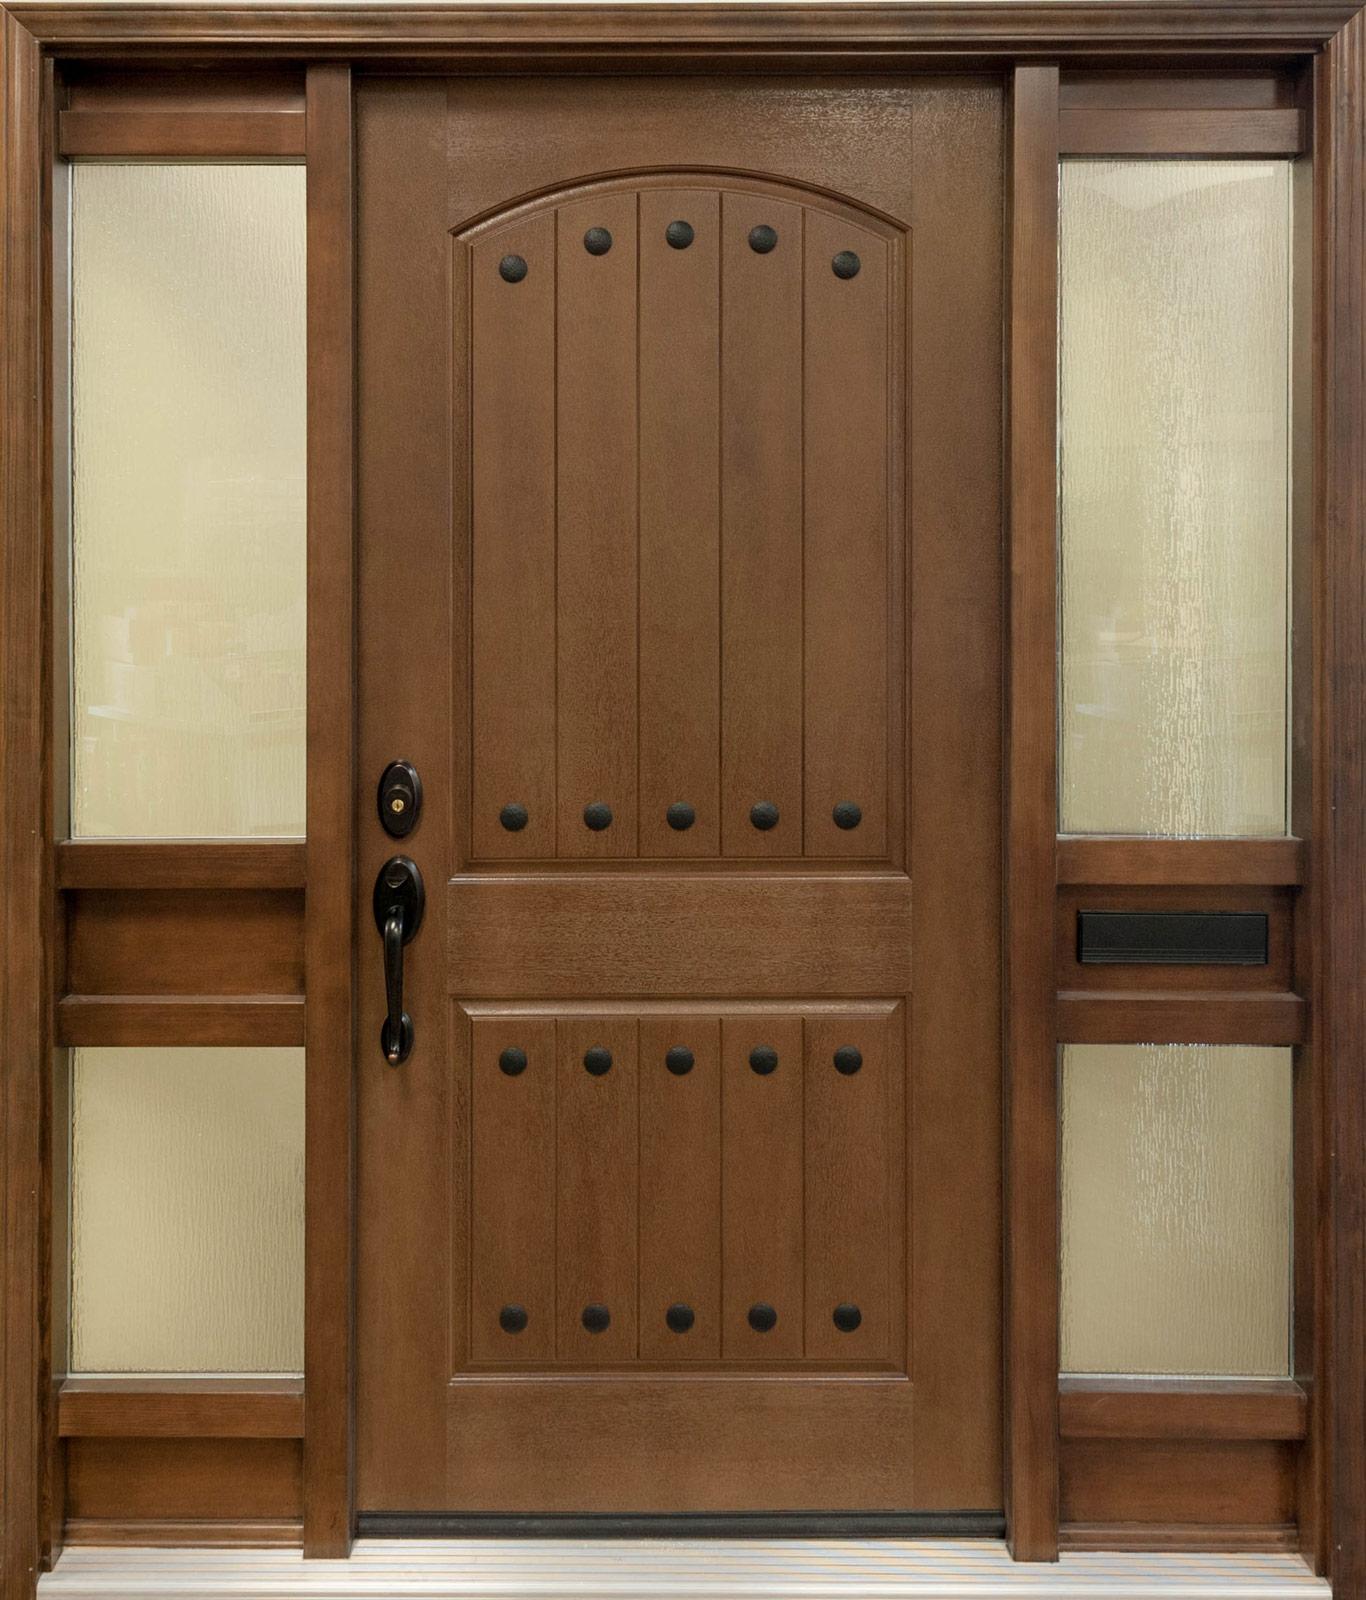 & Exterior Doors in Surrey | Doors Galore